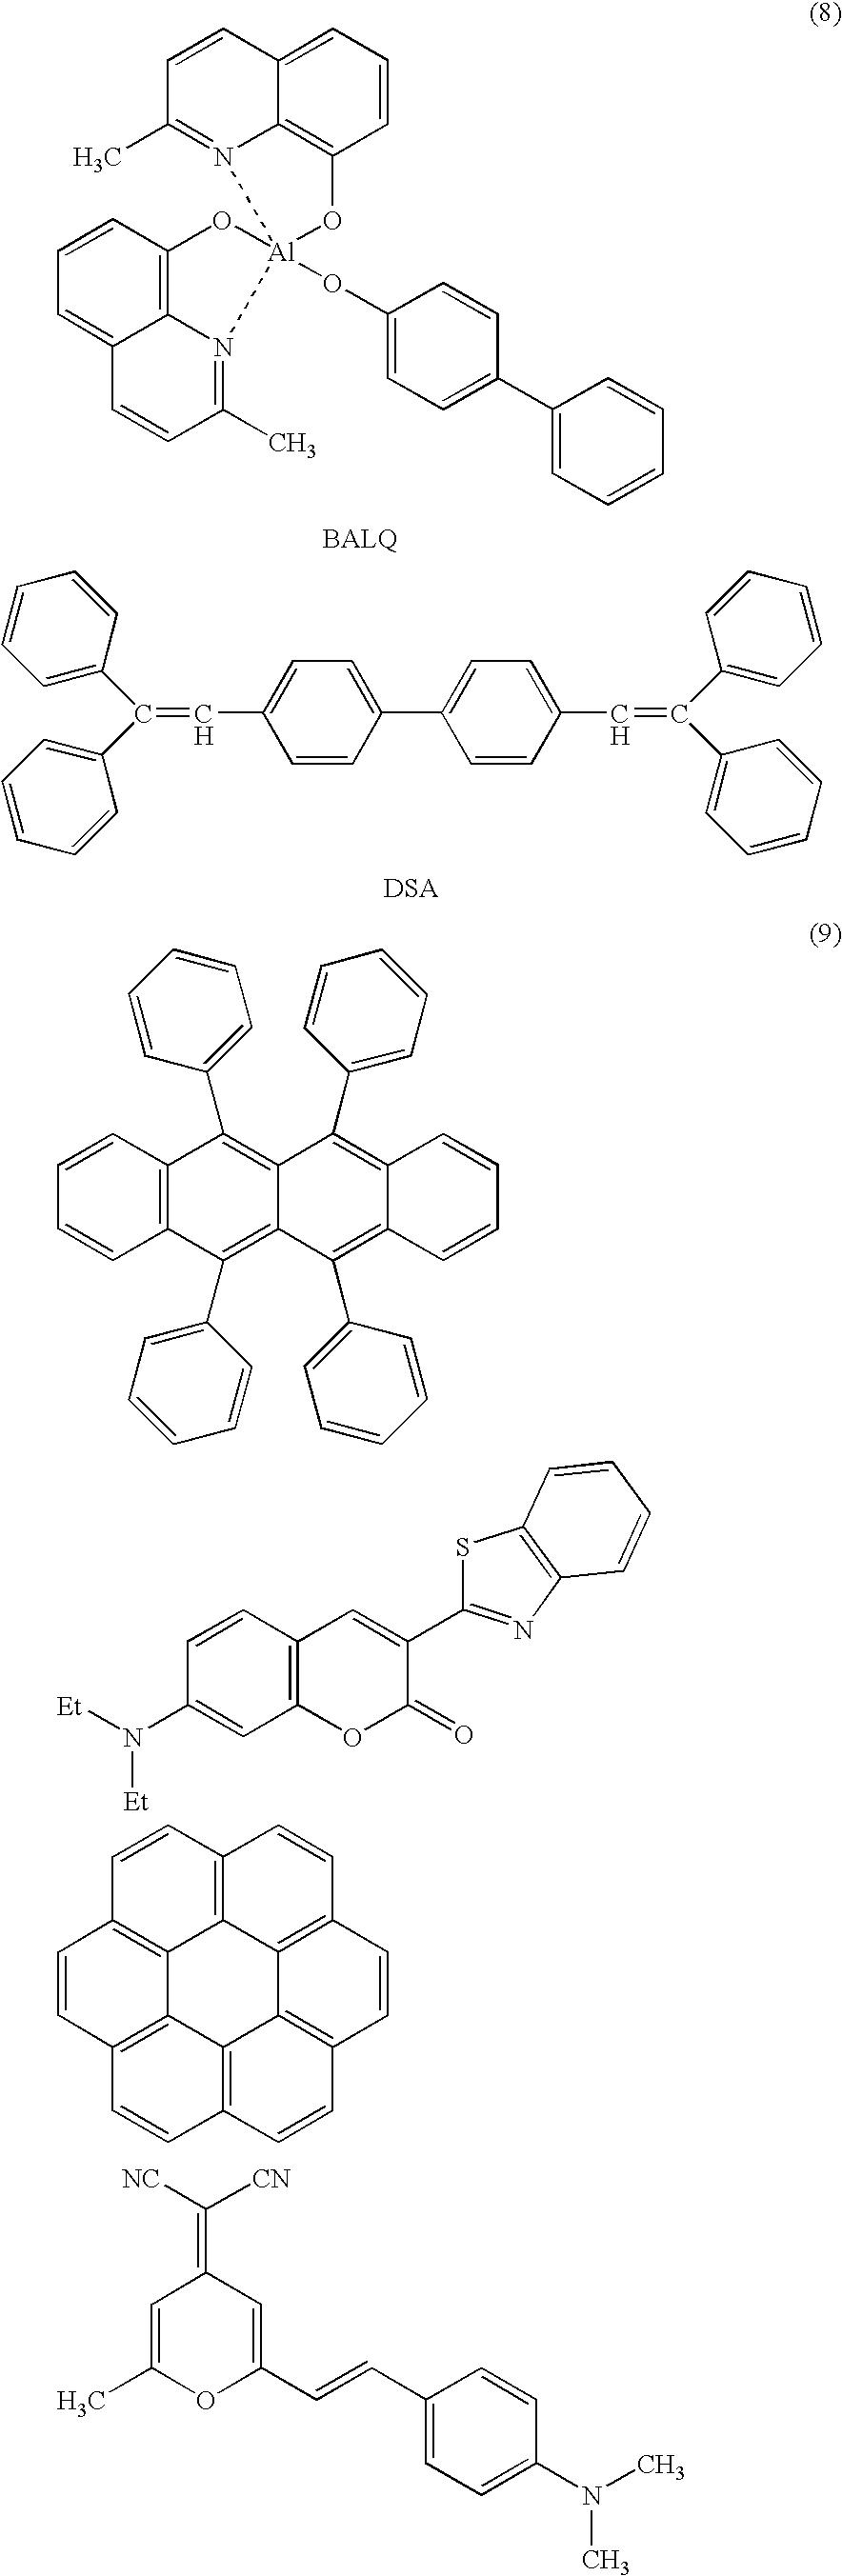 Figure US20090026942A1-20090129-C00007